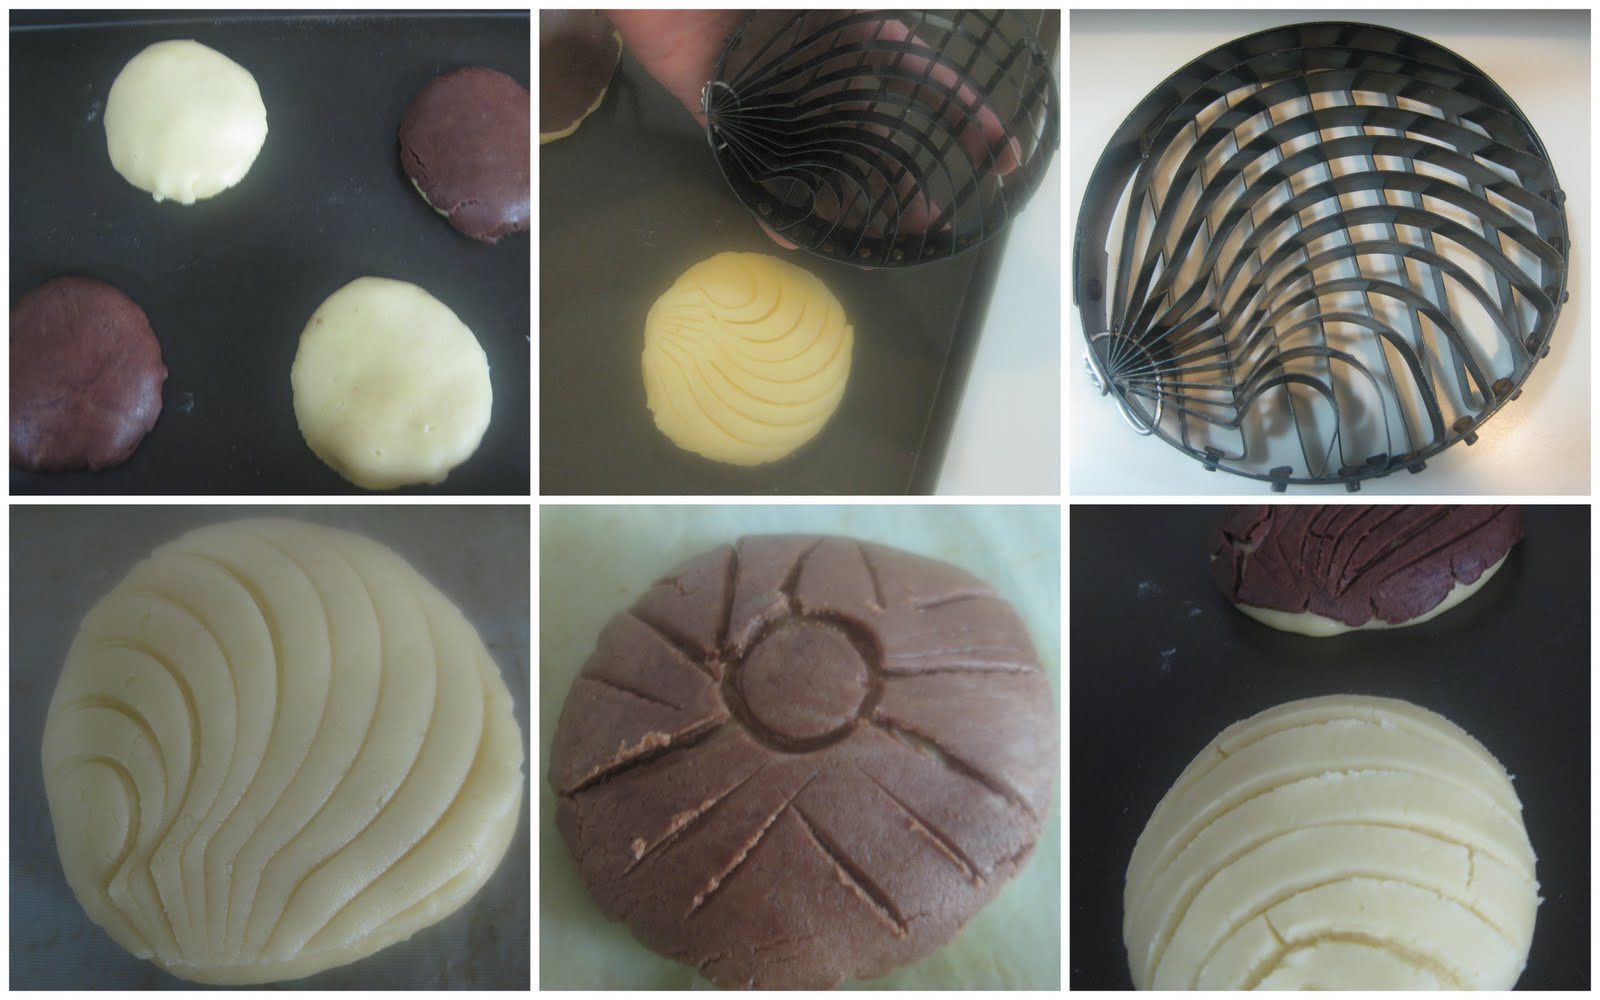 Pan dulce conchas d taringa for Como cocinar conchas finas